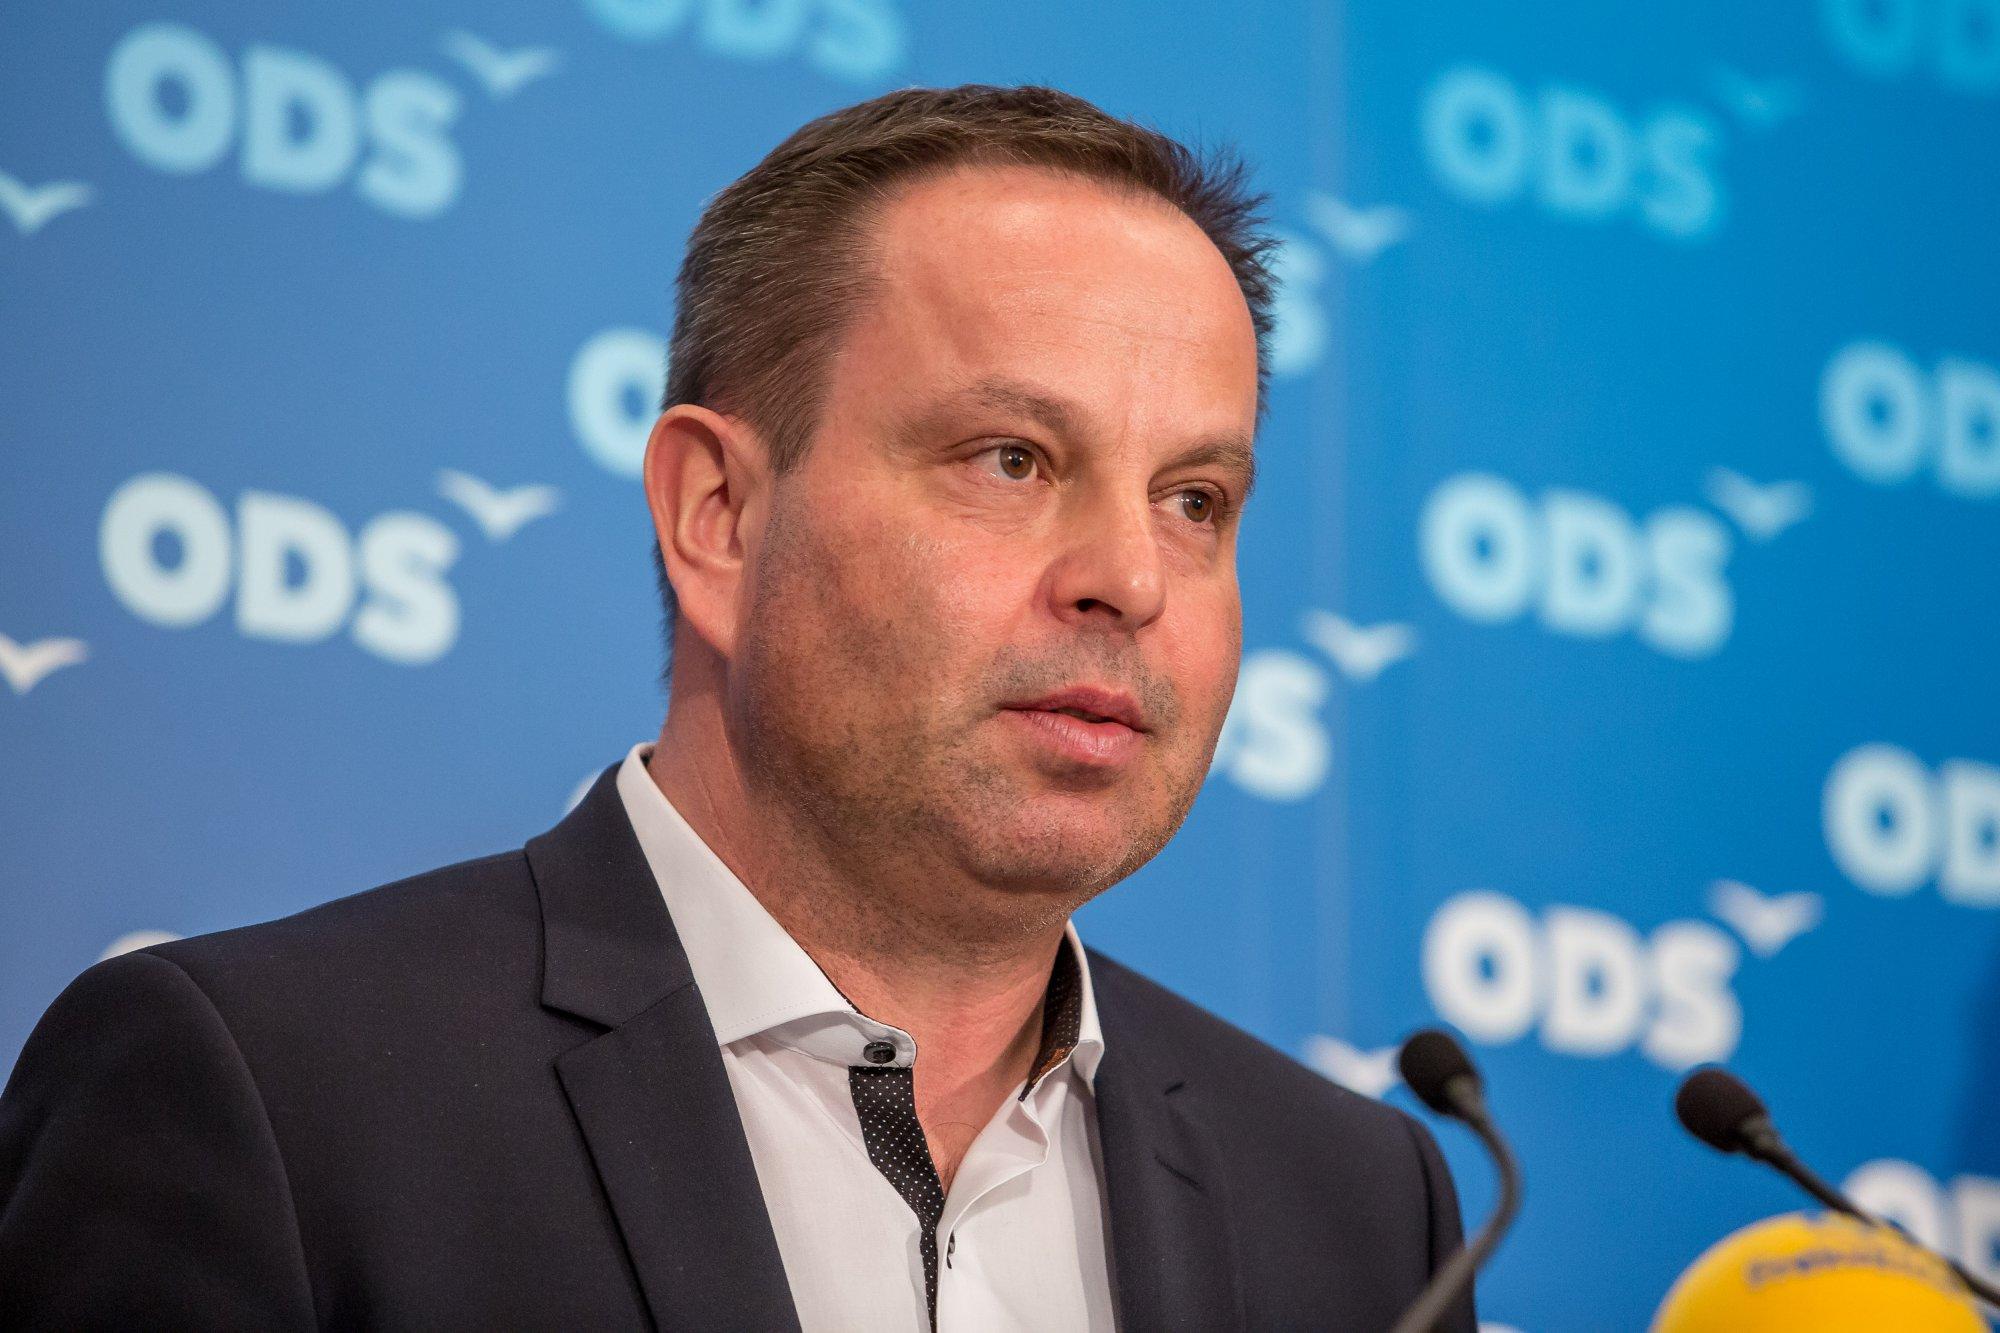 ODS: Pro vládní koalici je prioritou uplácení voličů, nikoliv péče o ty, kteří si pomoci nemohou